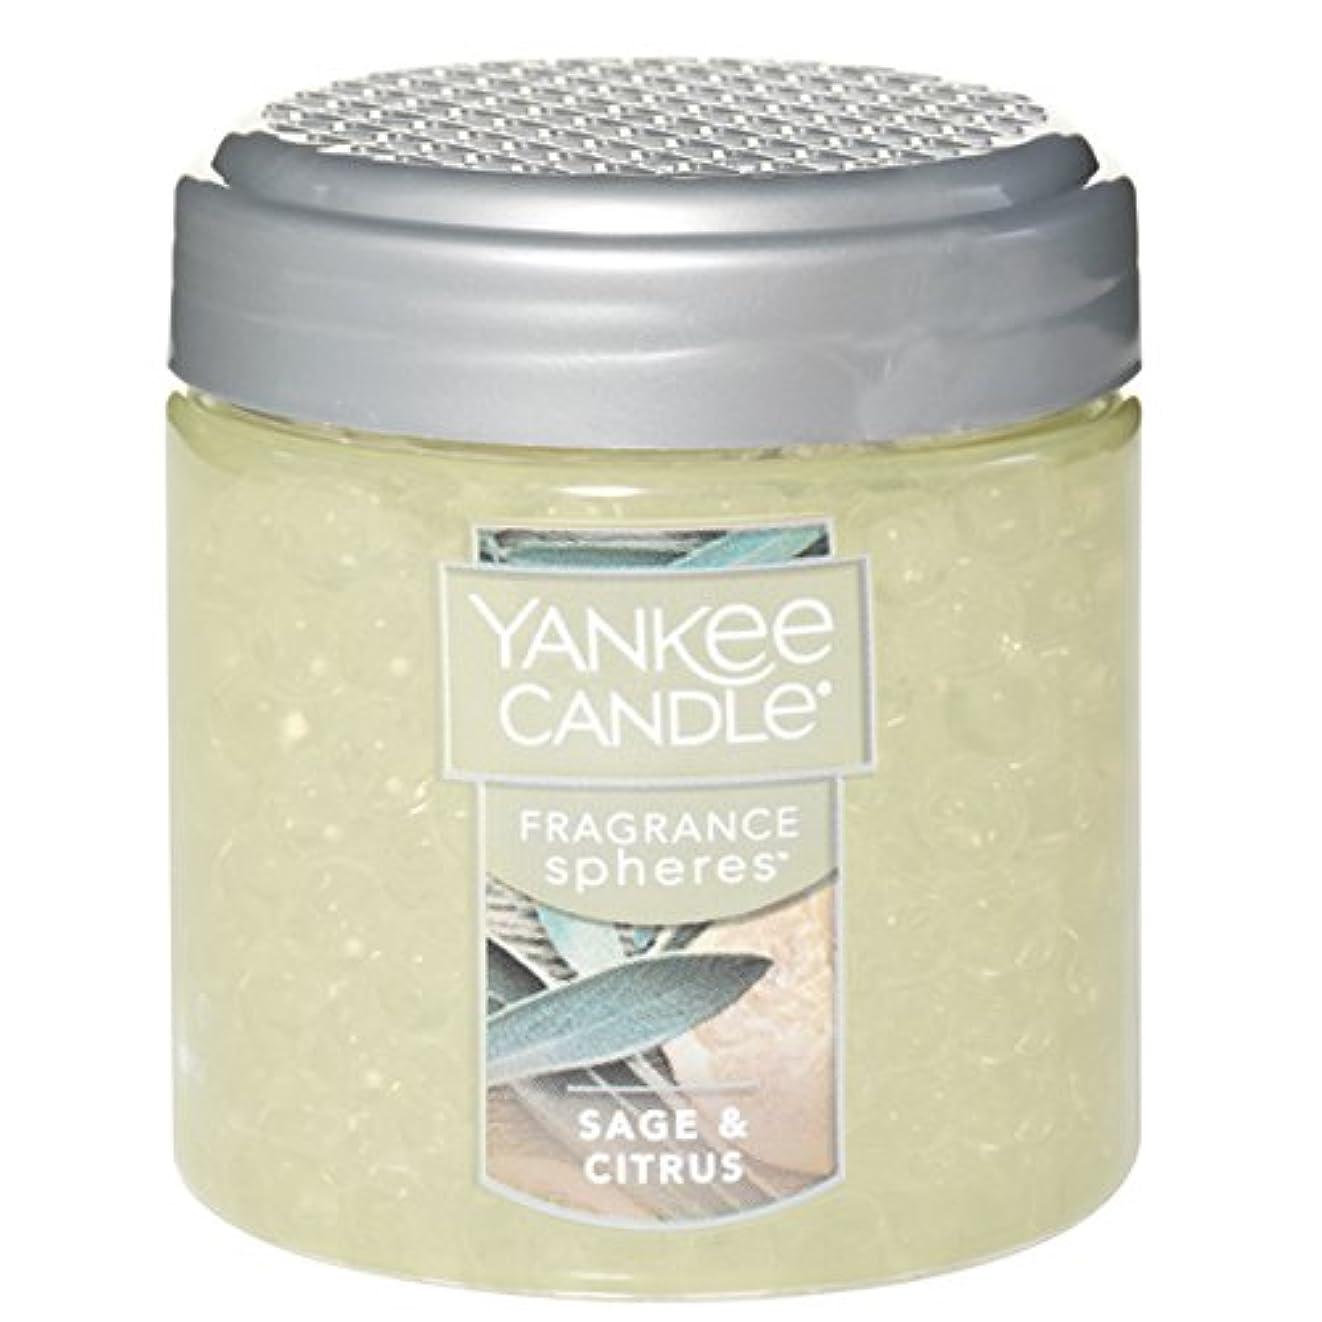 船酔い並外れてレザーYANKEE CANDLE ヤンキーキャンドル フレグランスビーズ セージシトラス(お部屋の芳香剤)